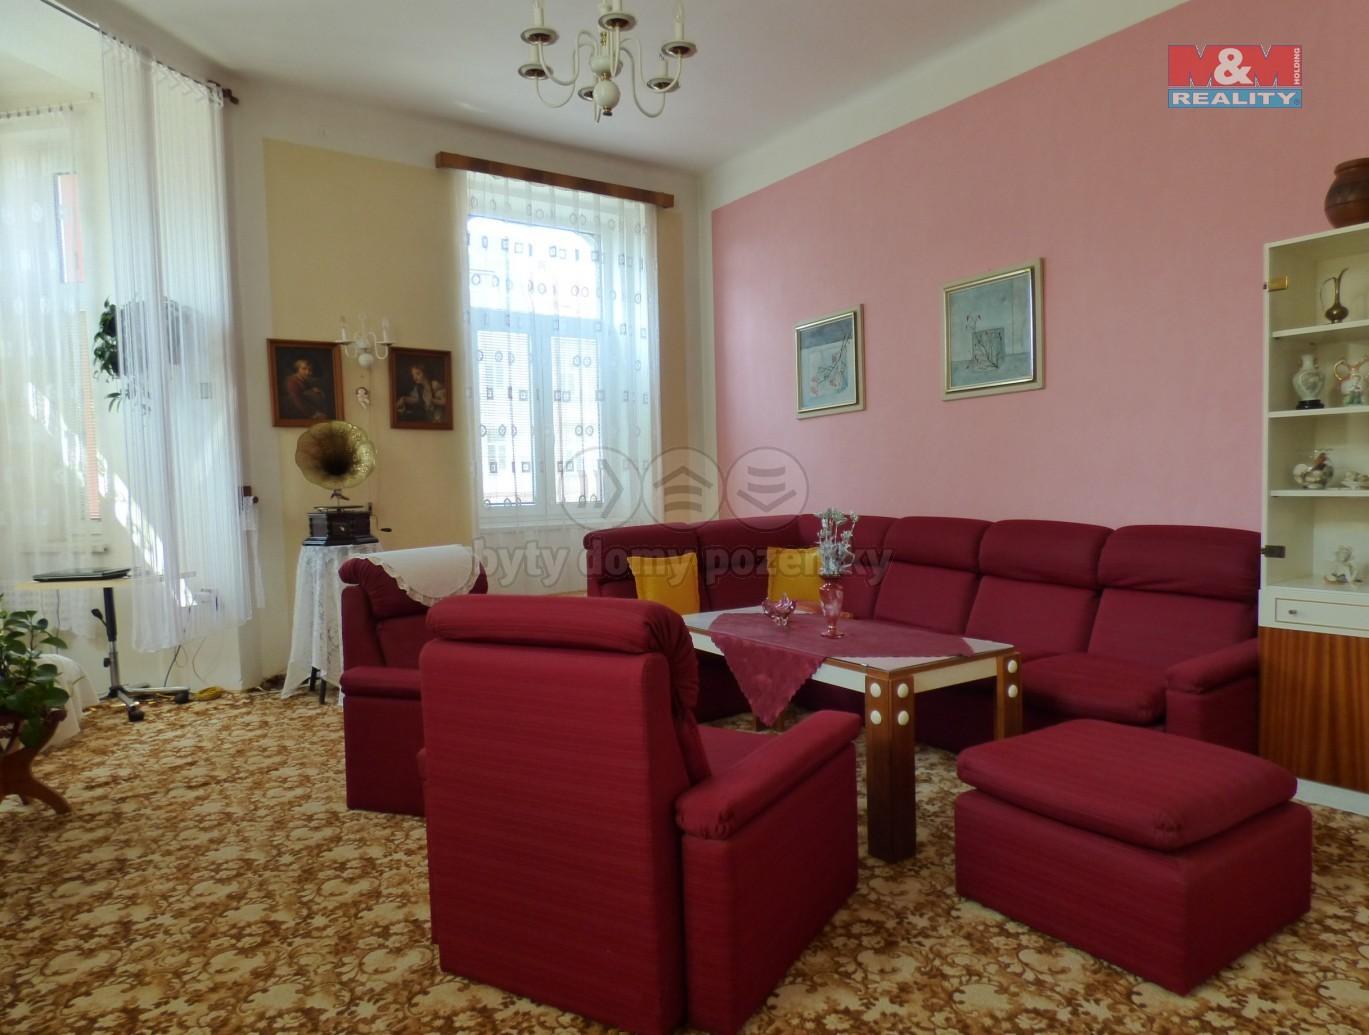 Prodej, byt 3+1, 78 m2, OV, Opava - Předměstí